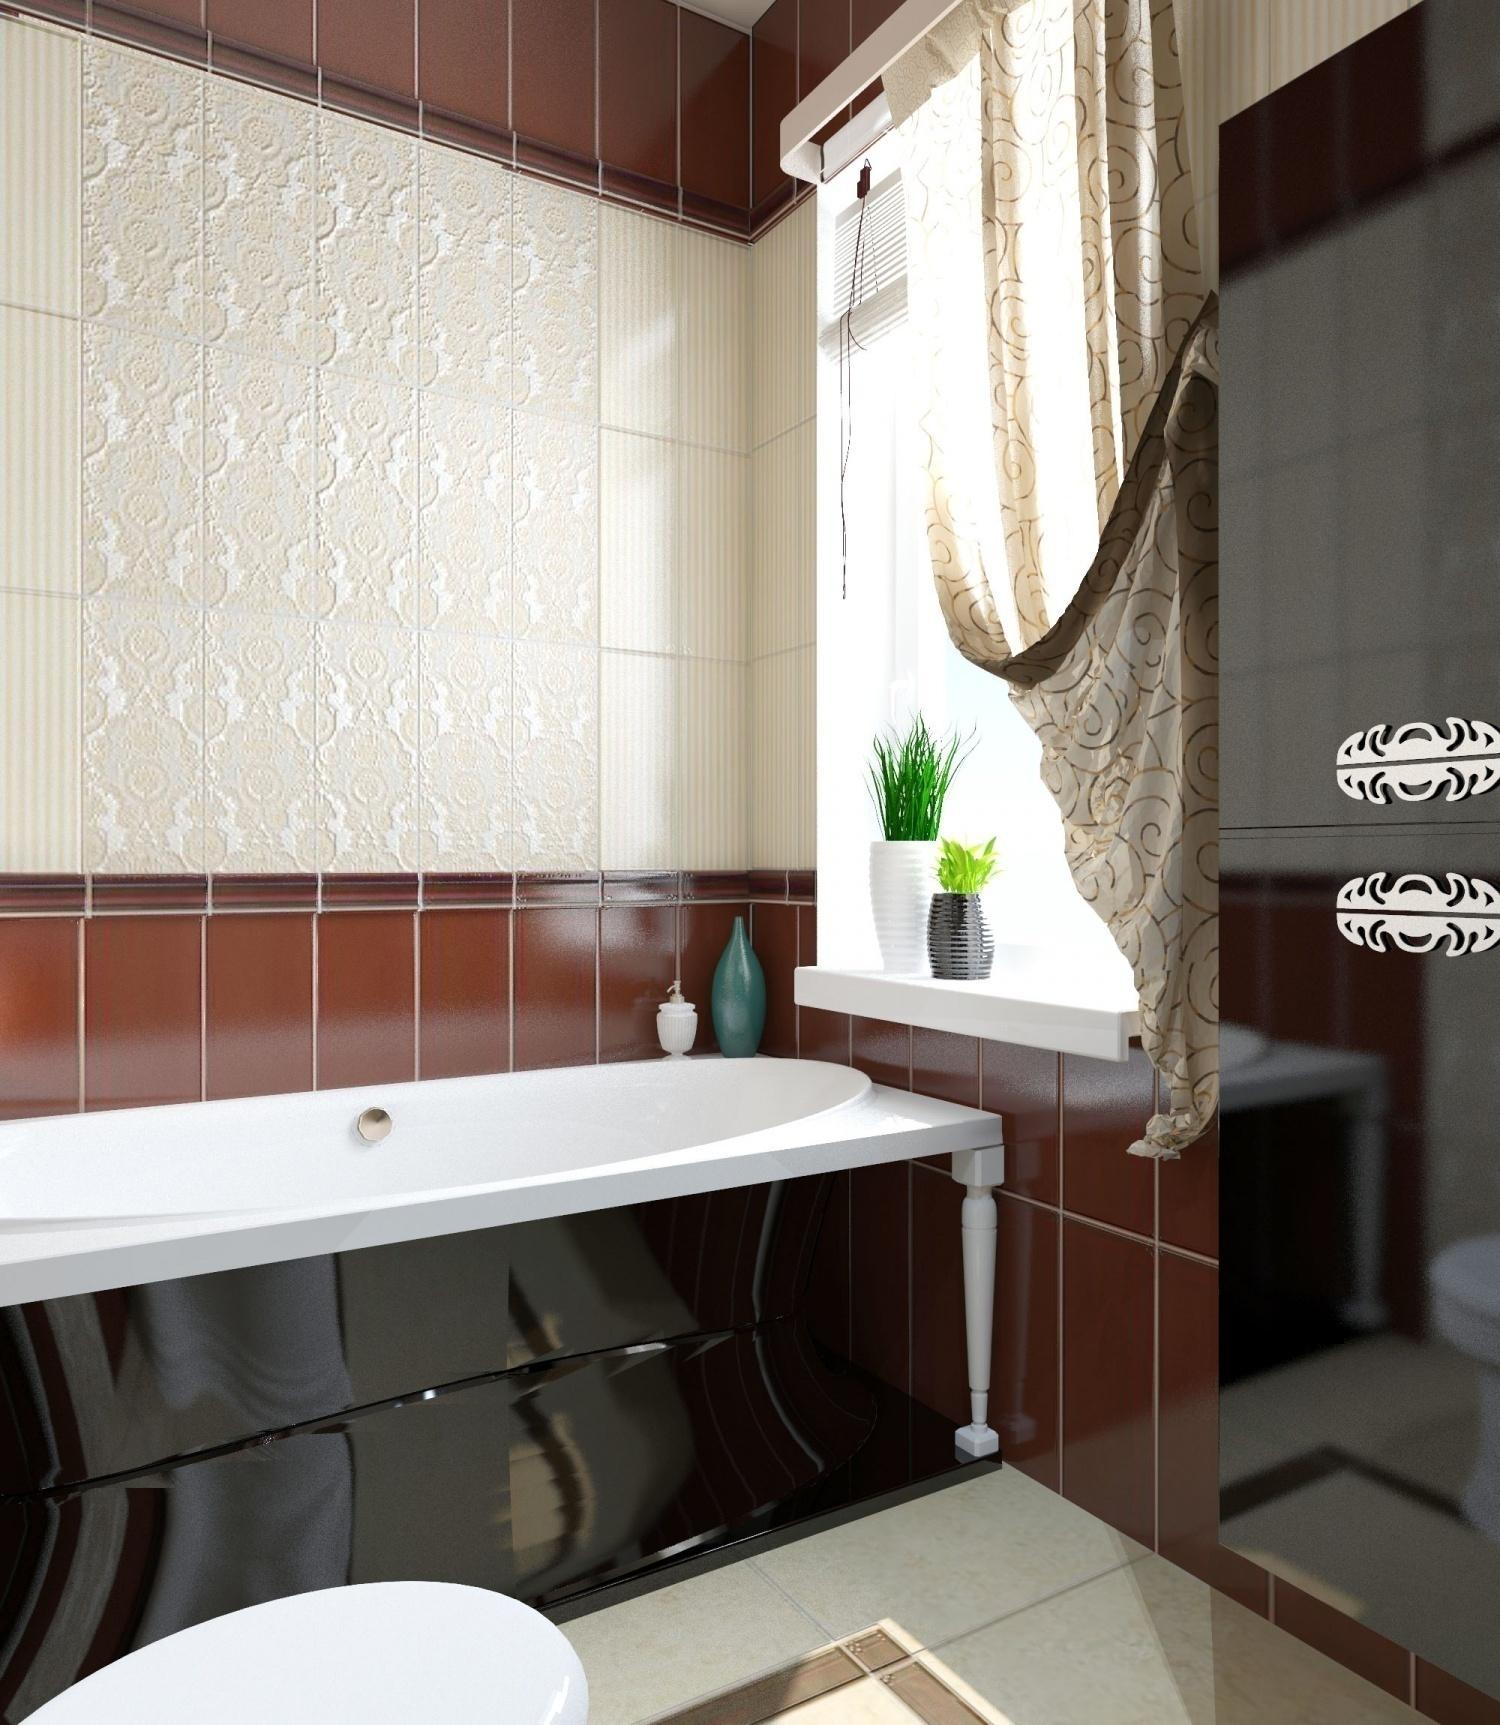 Выполним профессионально ремонт квартир под ключ любой сложности